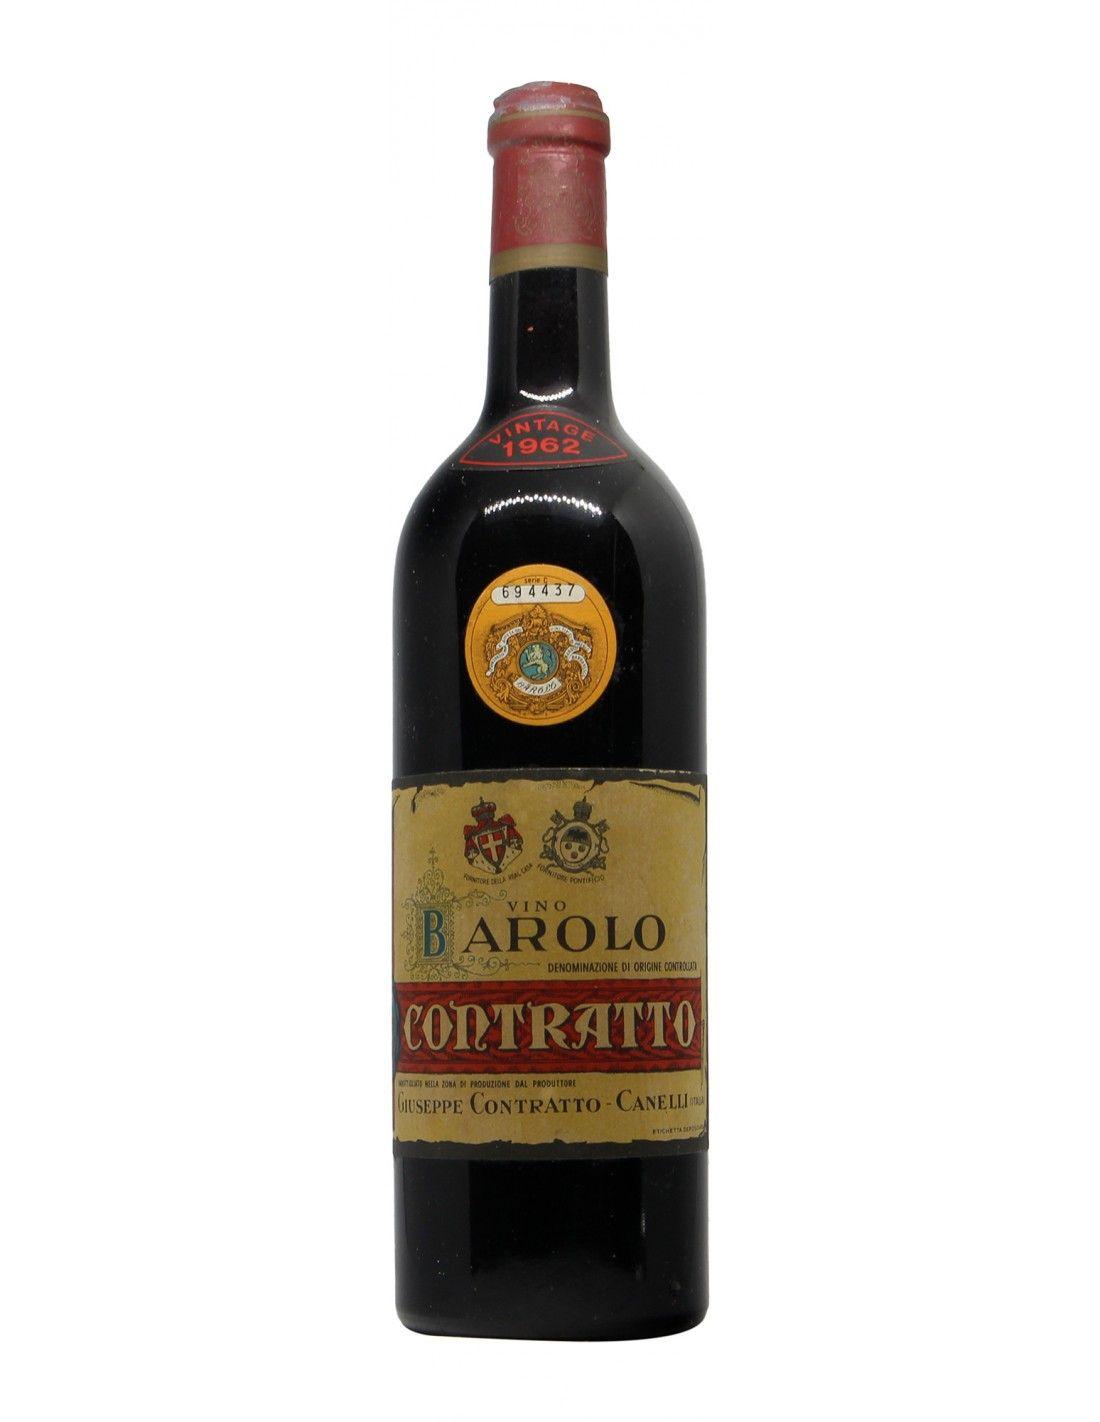 BAROLO 1962 CONTRATTO GIUSEPPE Grandi Bottiglie